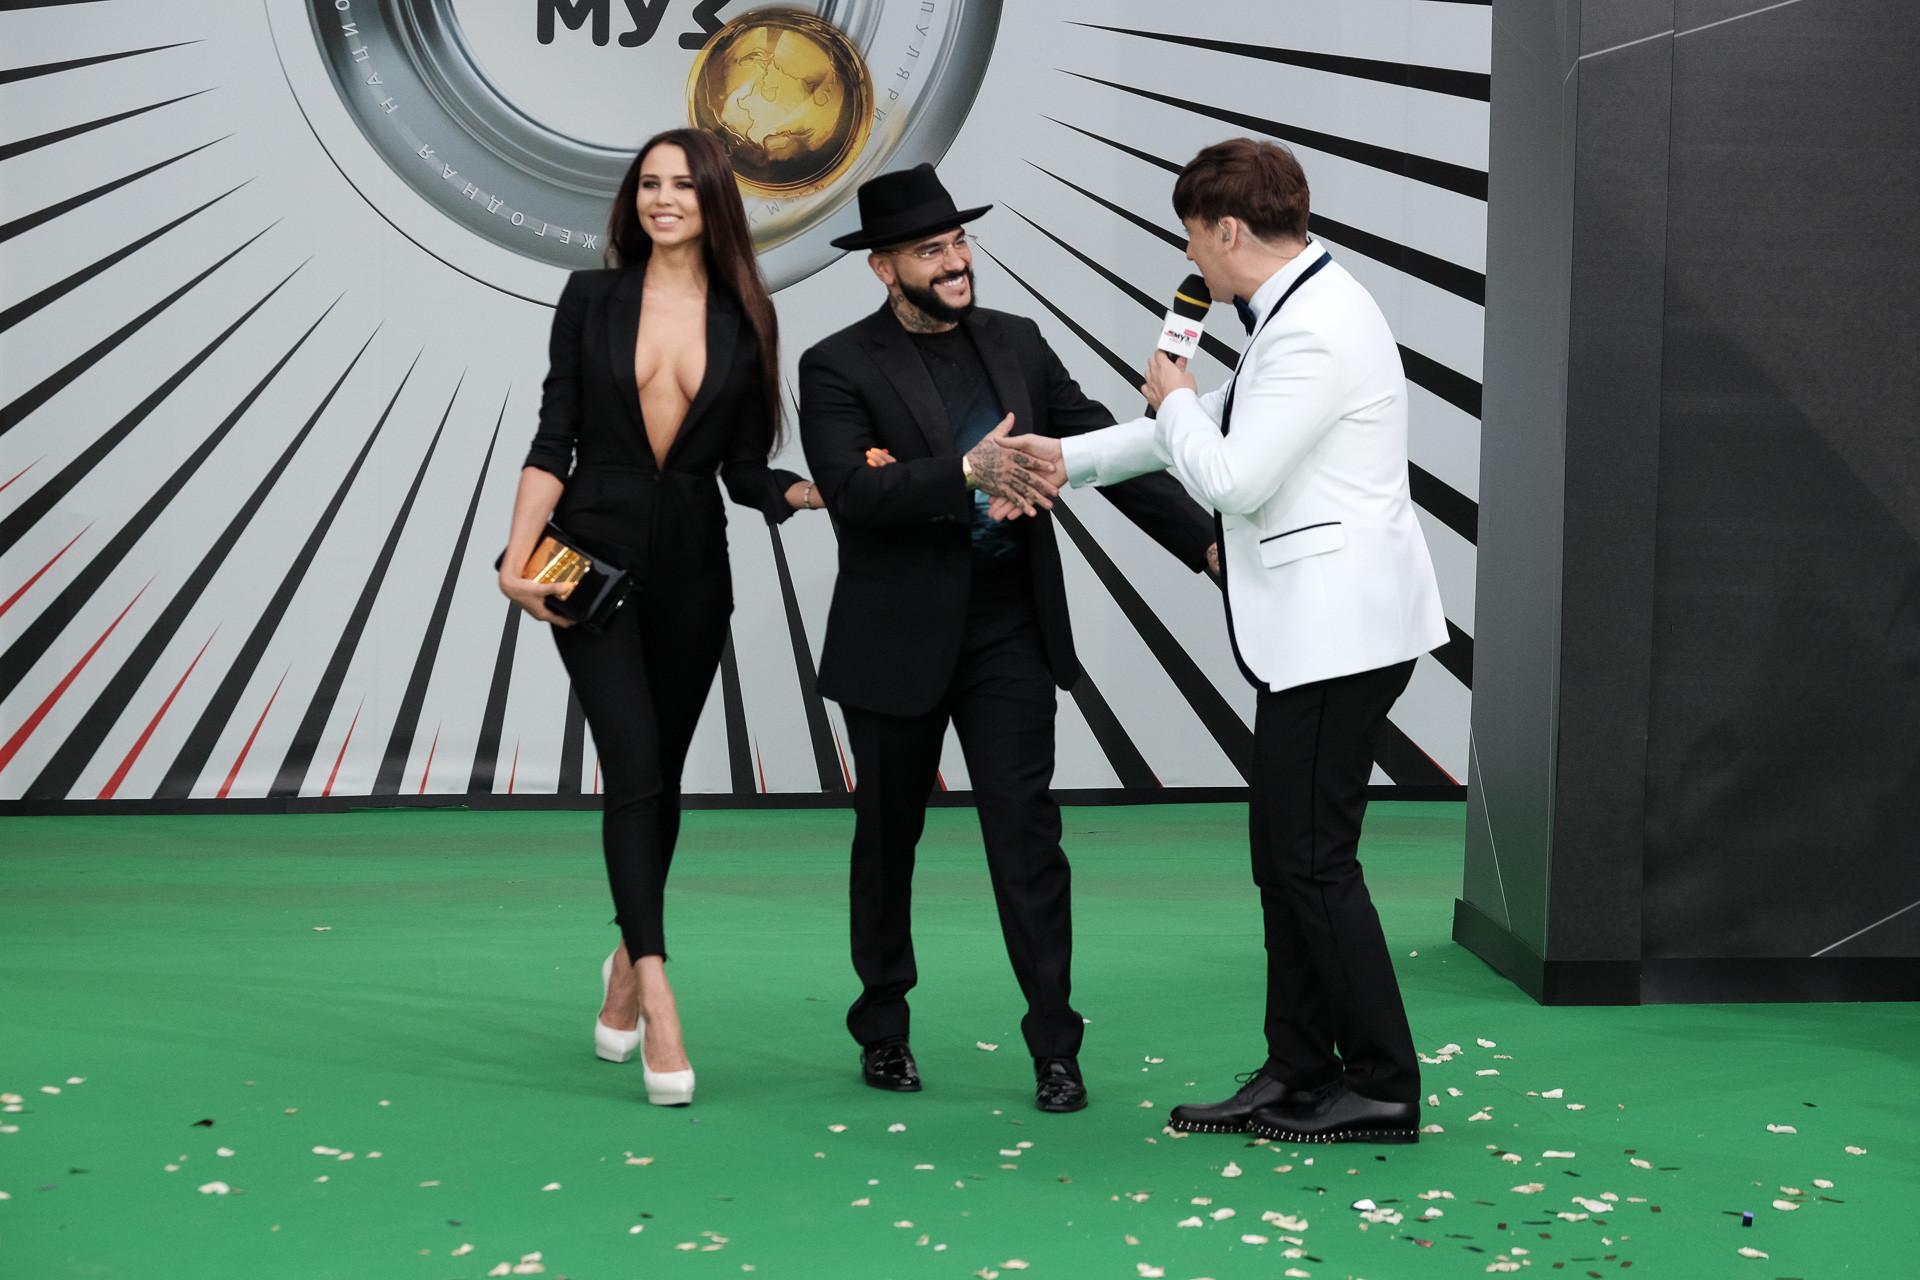 Тимати и Анастасия Решетова Фото: Пресс-служба Муз-ТВ